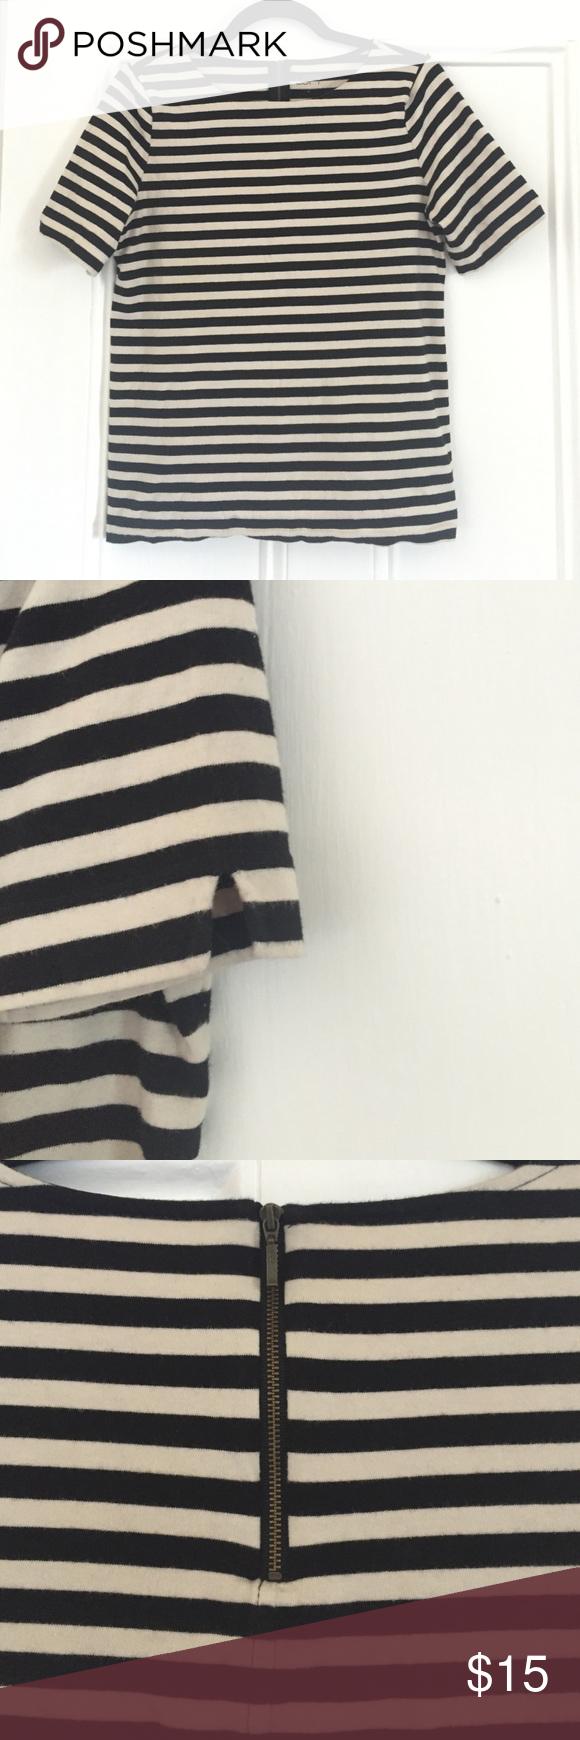 Loft • Striped Zip-Back Tee • size M Loft • Striped Zip-Back Tee • size M LOFT Tops Tees - Short Sleeve